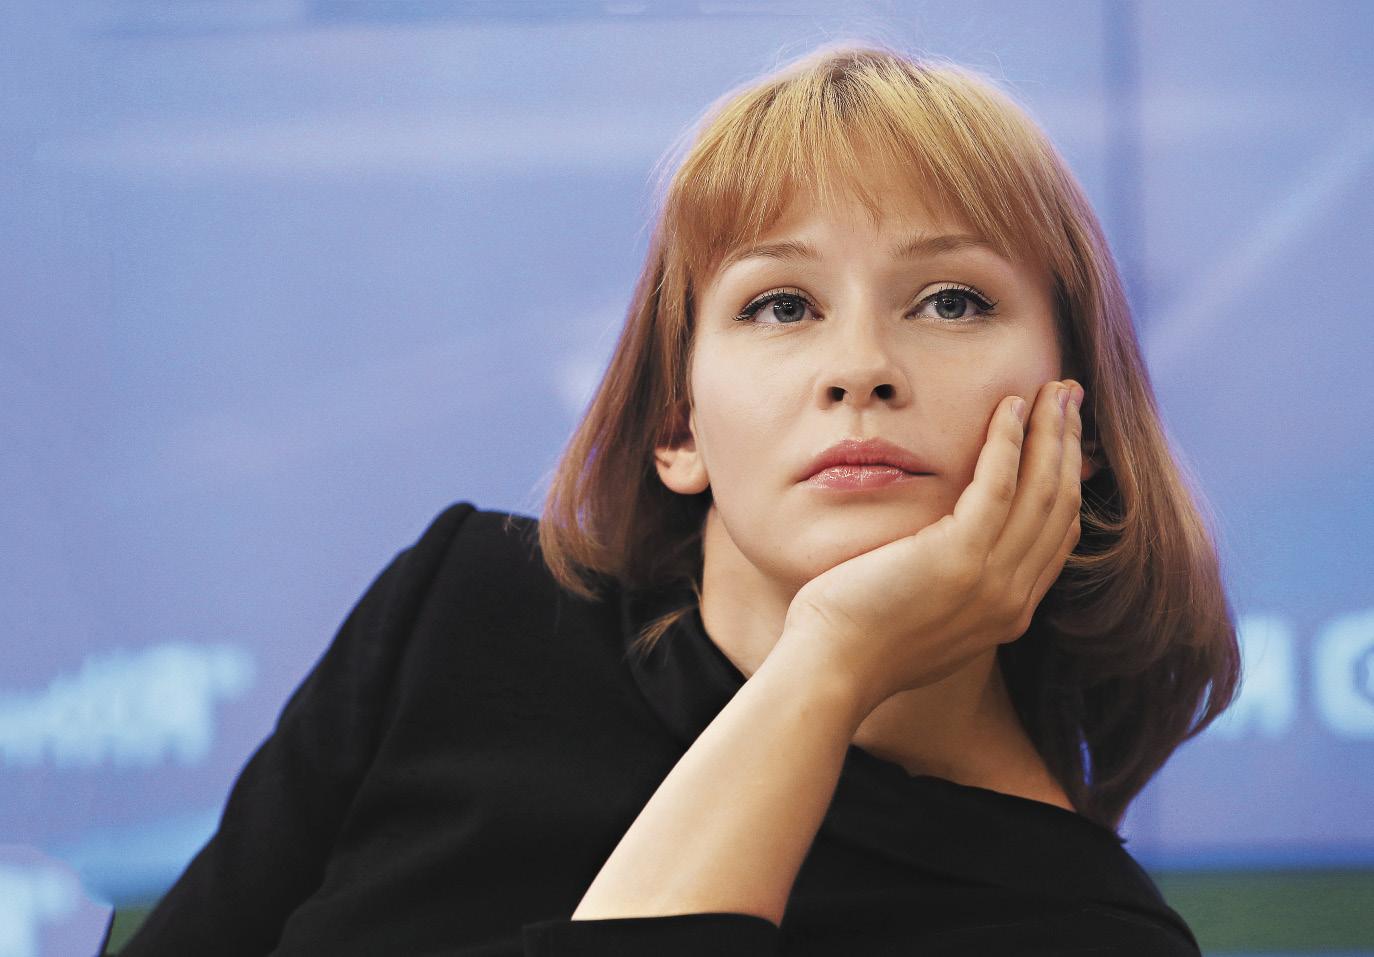 Юлия Пересильд о романе с Алексеем Учителем: